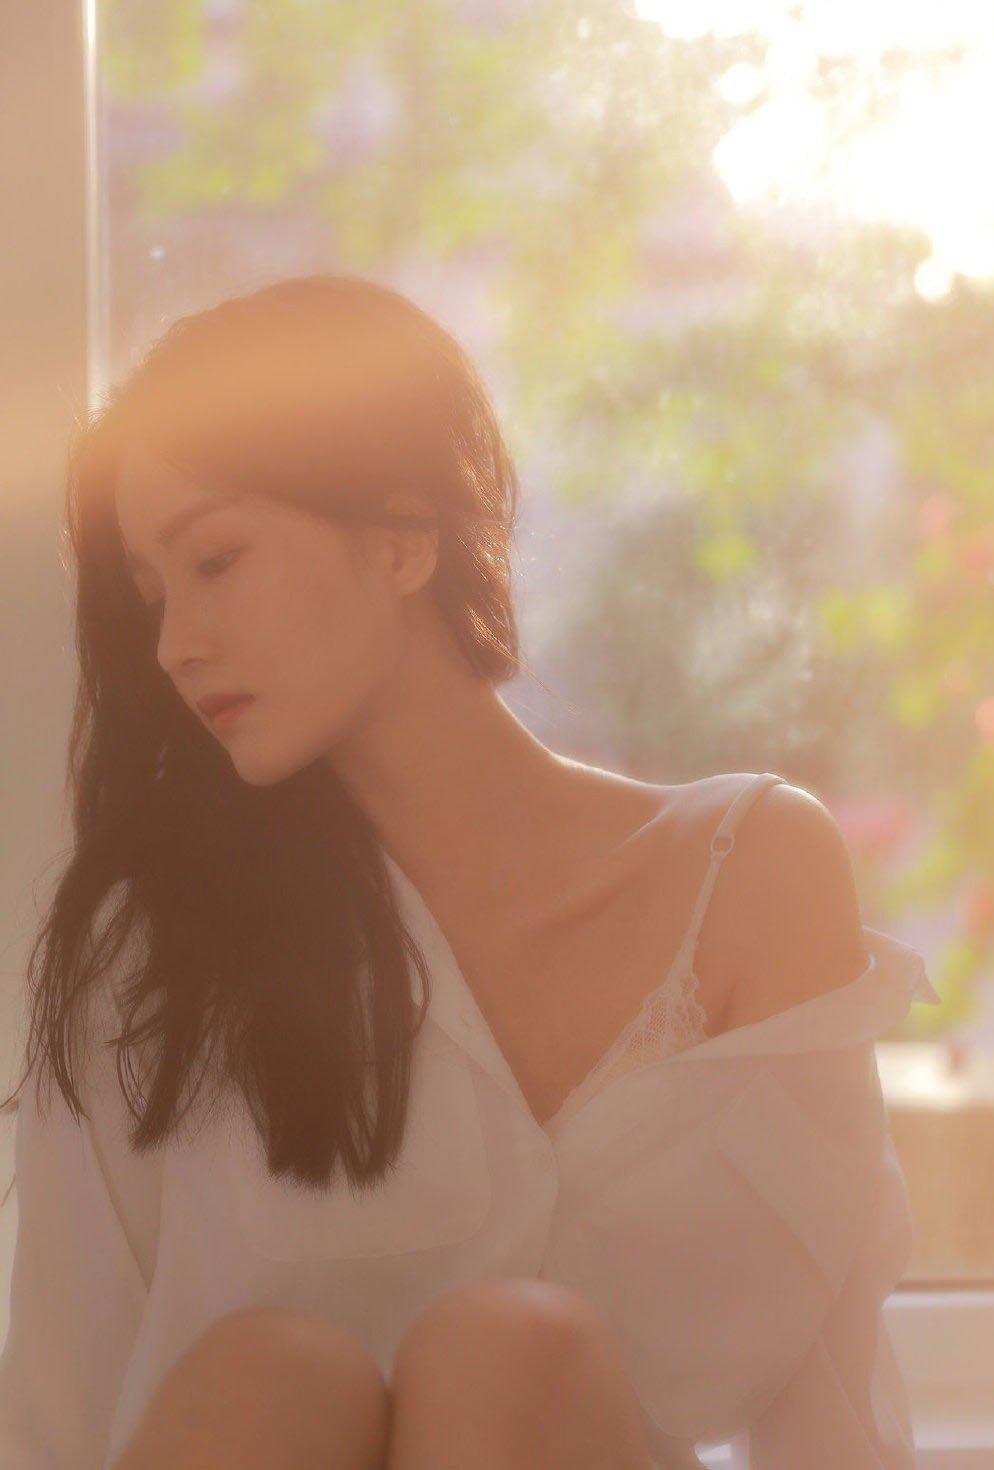 成熟美女吊带香肩性感撩人写真